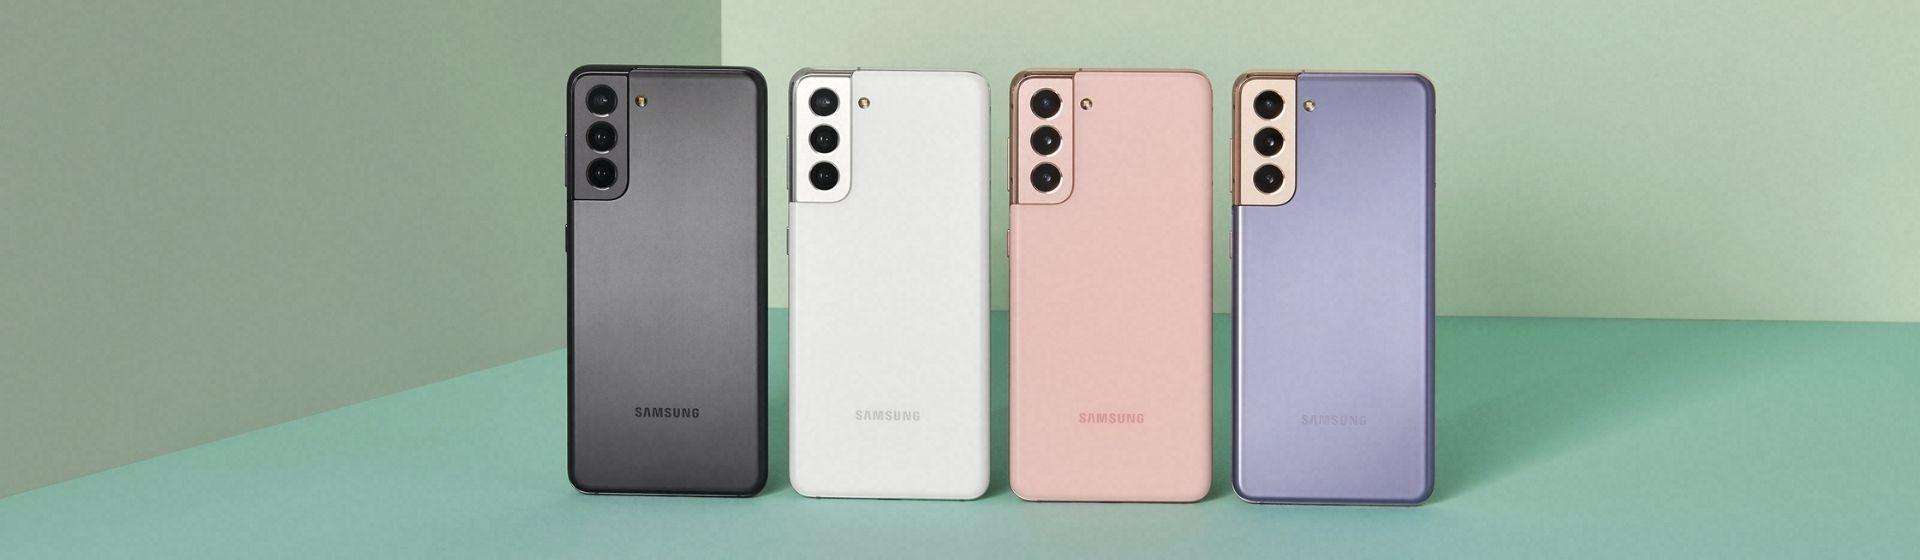 S21: Samsung lança novos celulares Galaxy e divulga preços no Brasil